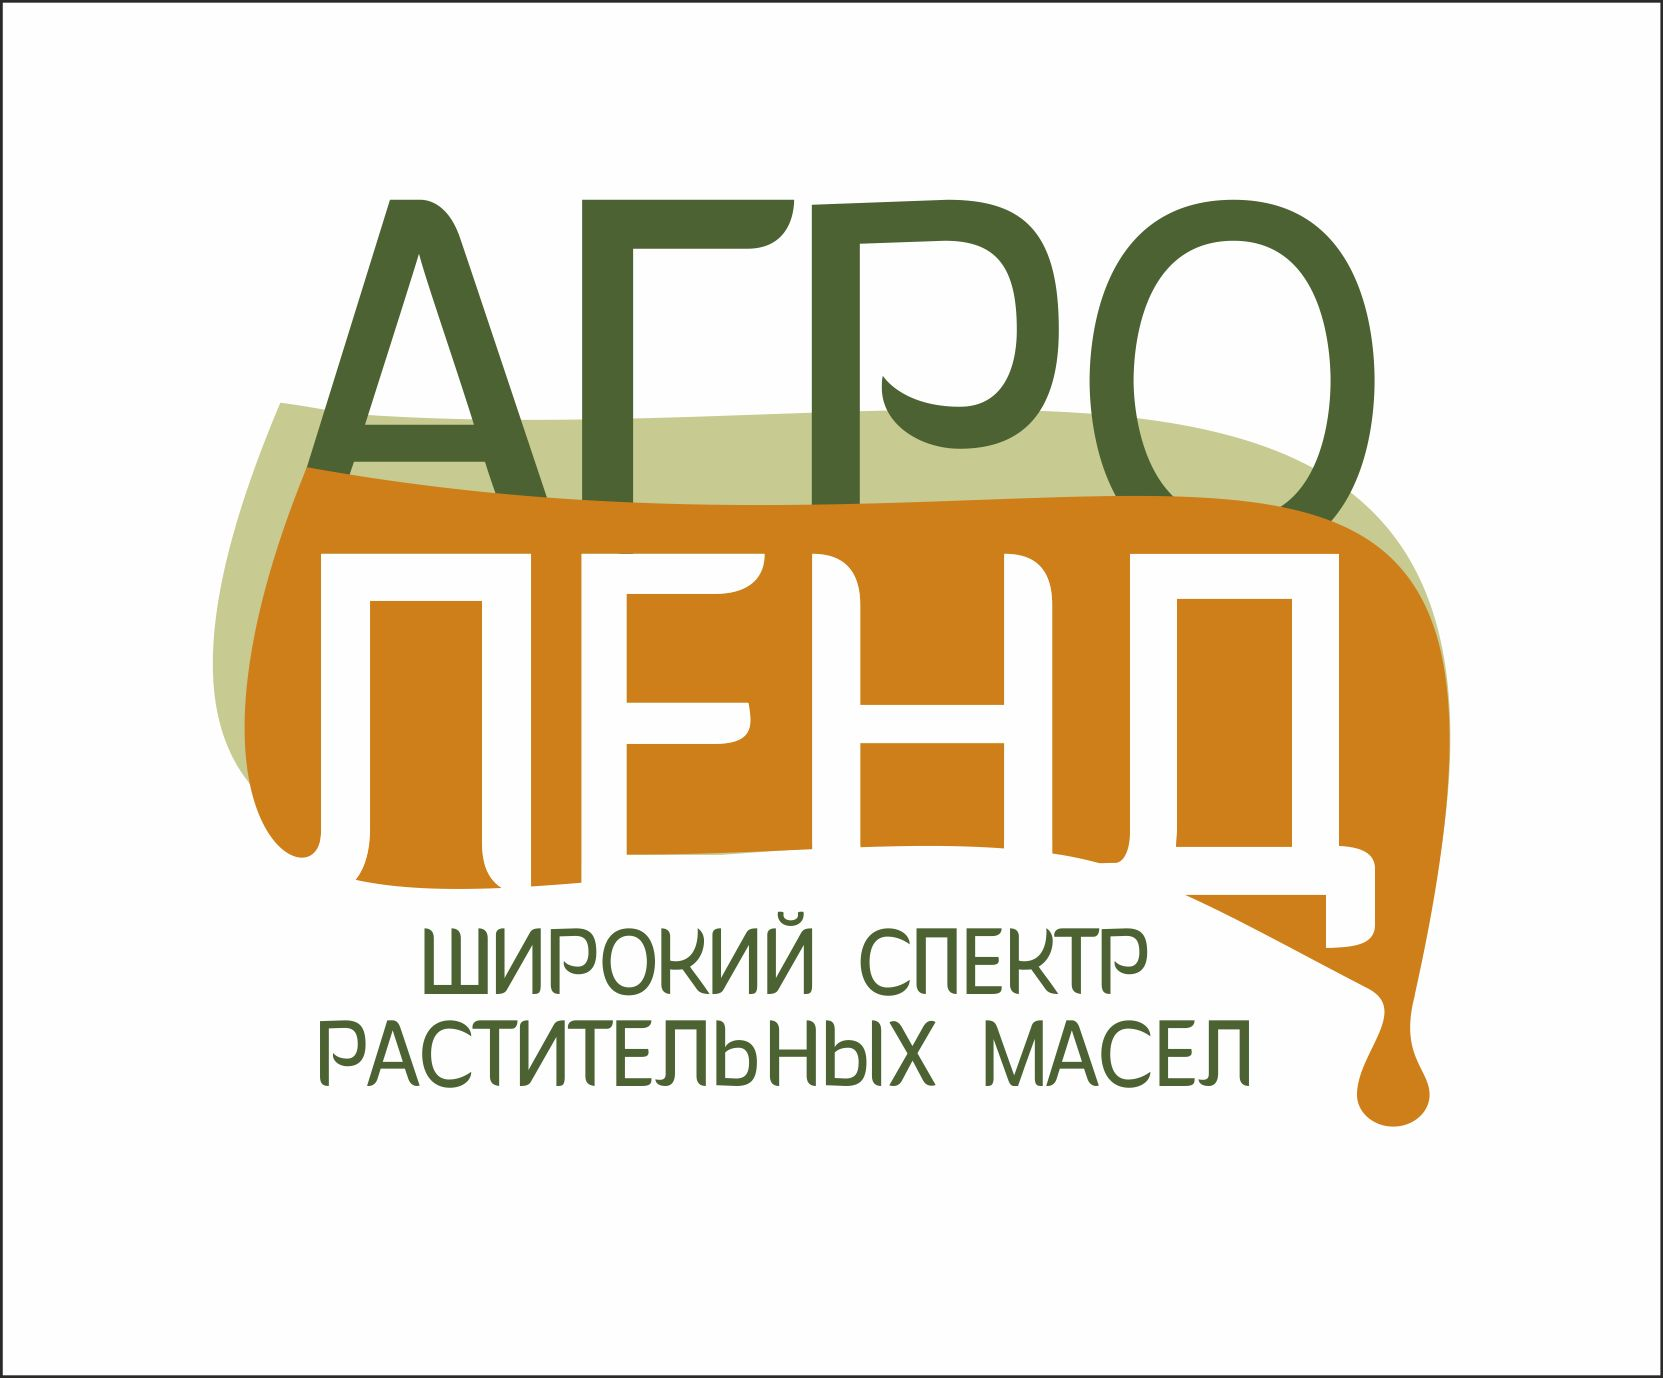 Логотип и фирменный стиль маслозавода. - дизайнер fotokor